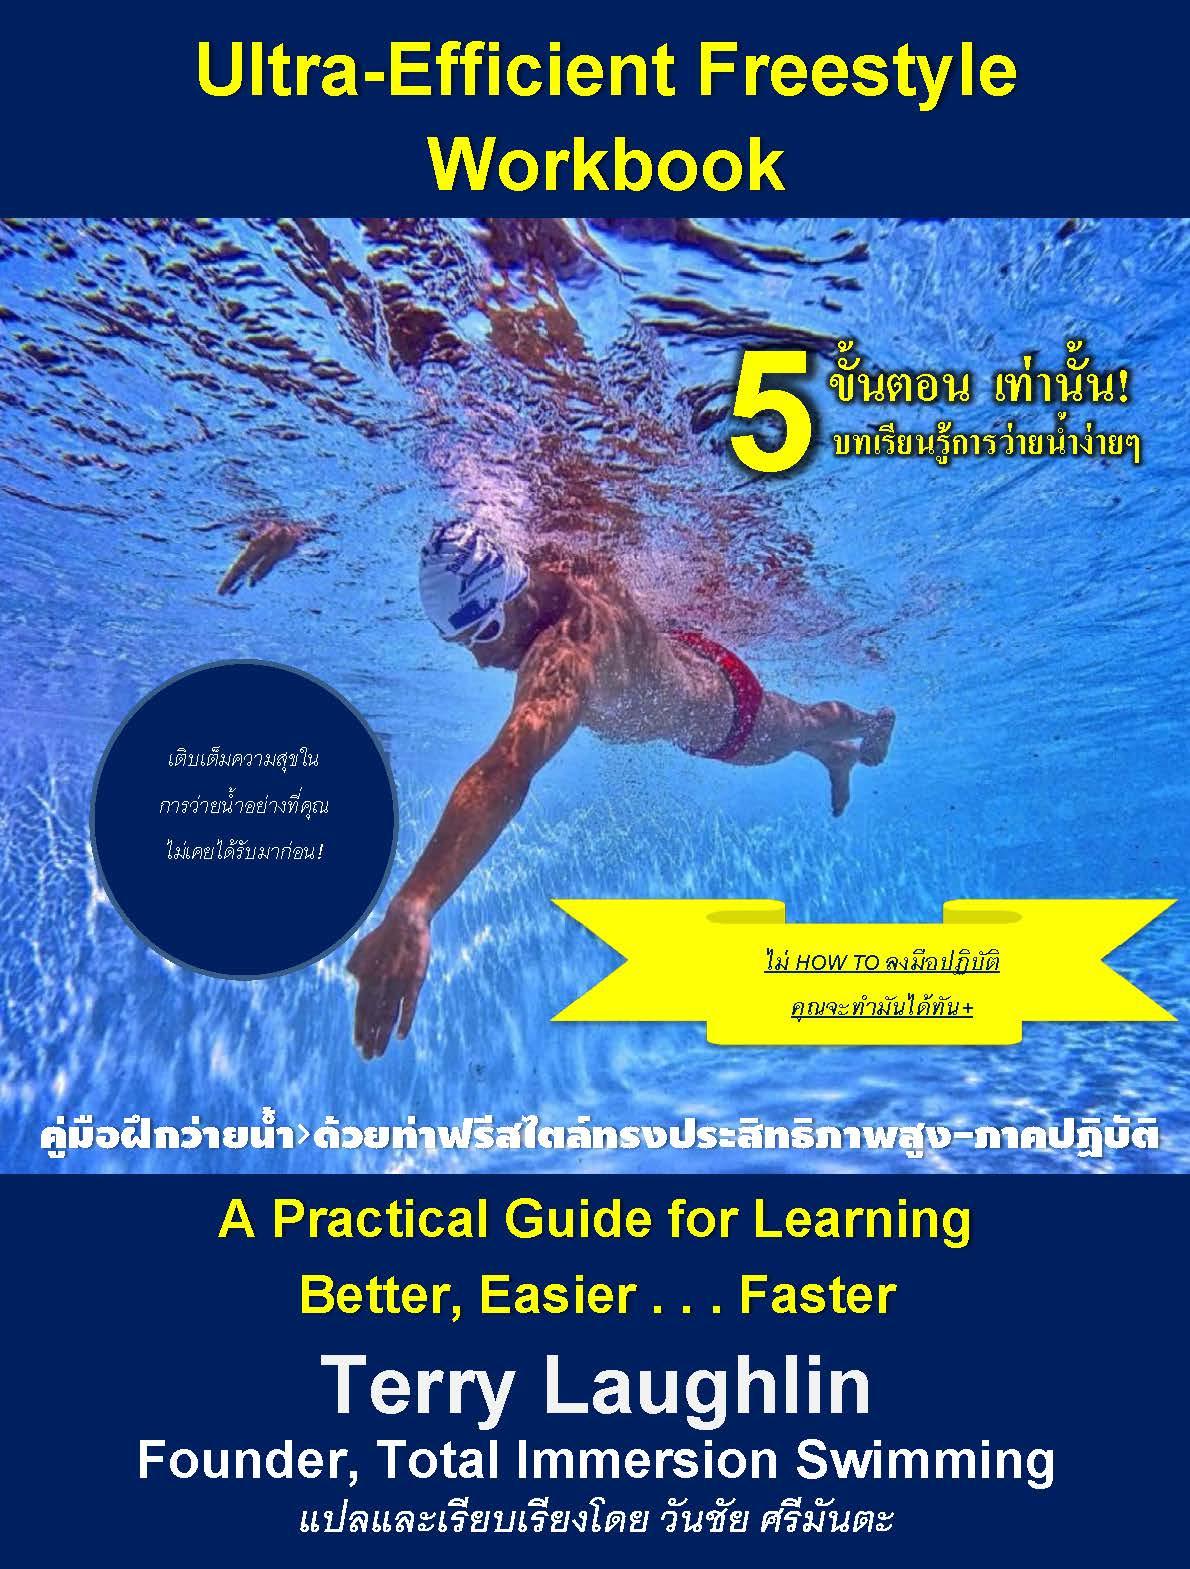 หนังสือ ภาคปฏิบัติ ว่ายน้ำด้วยตัวเอง สำหรับผู้ใหญ่ ซีรีส์ 1.0 ของ TI